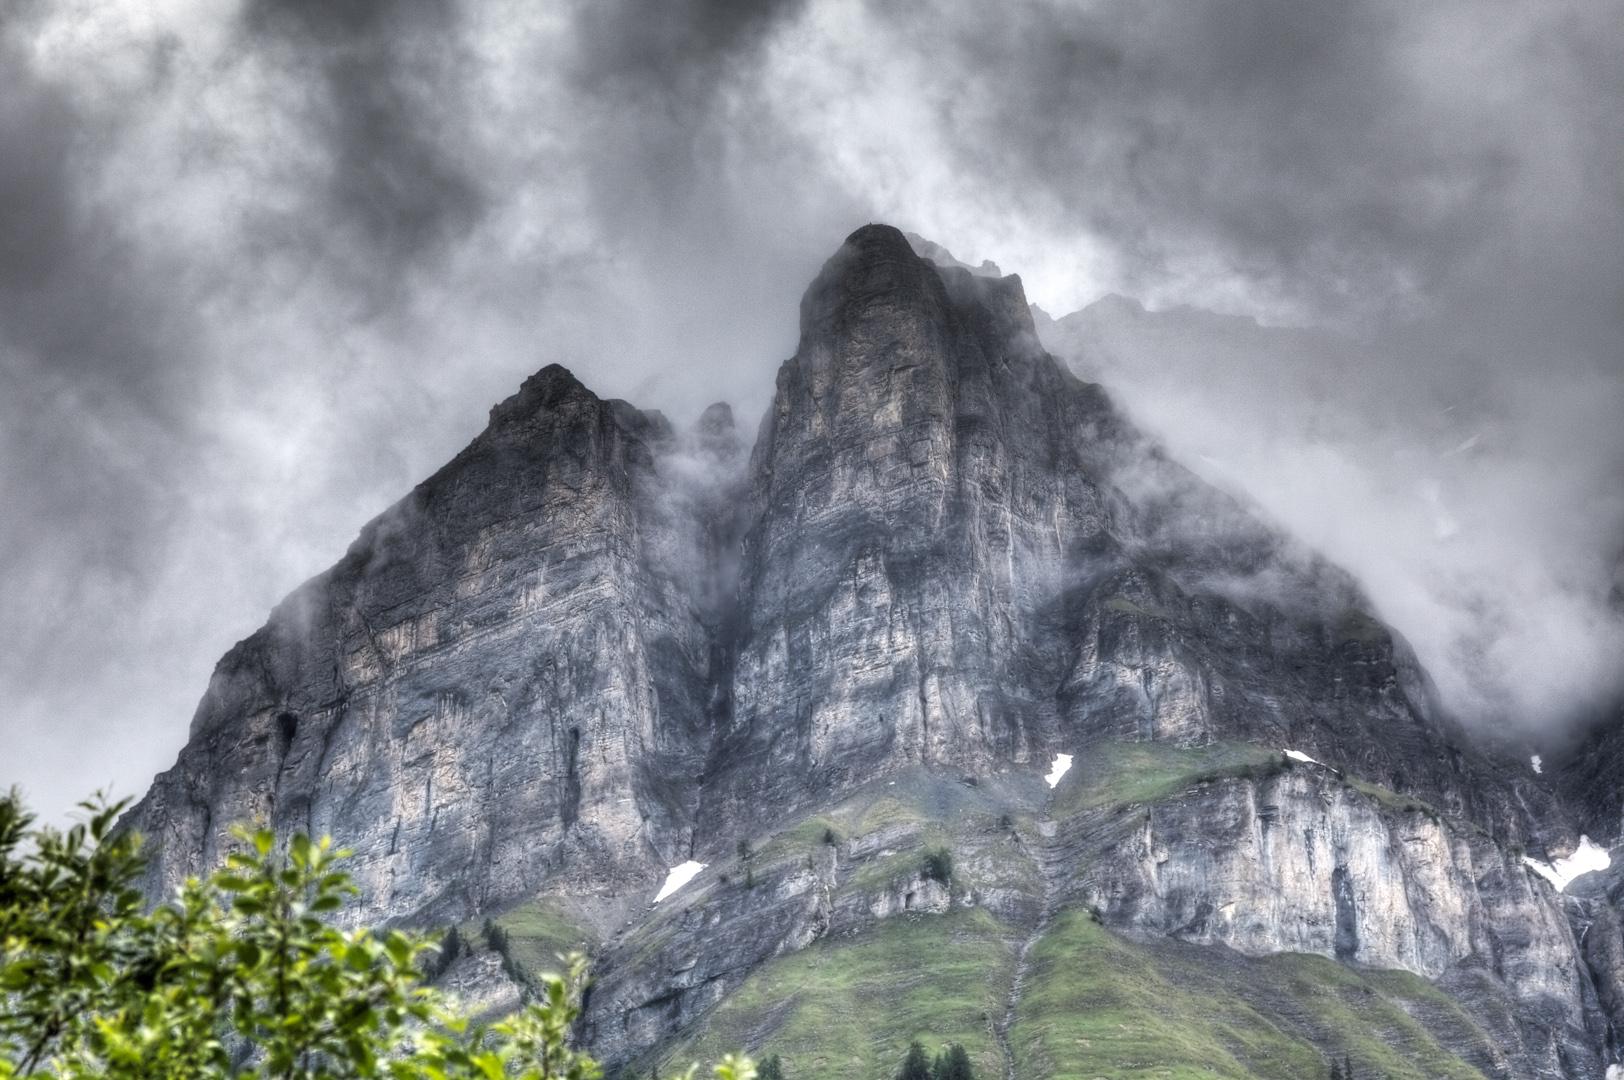 ... von diesem hohen Berg wird er kommen ...